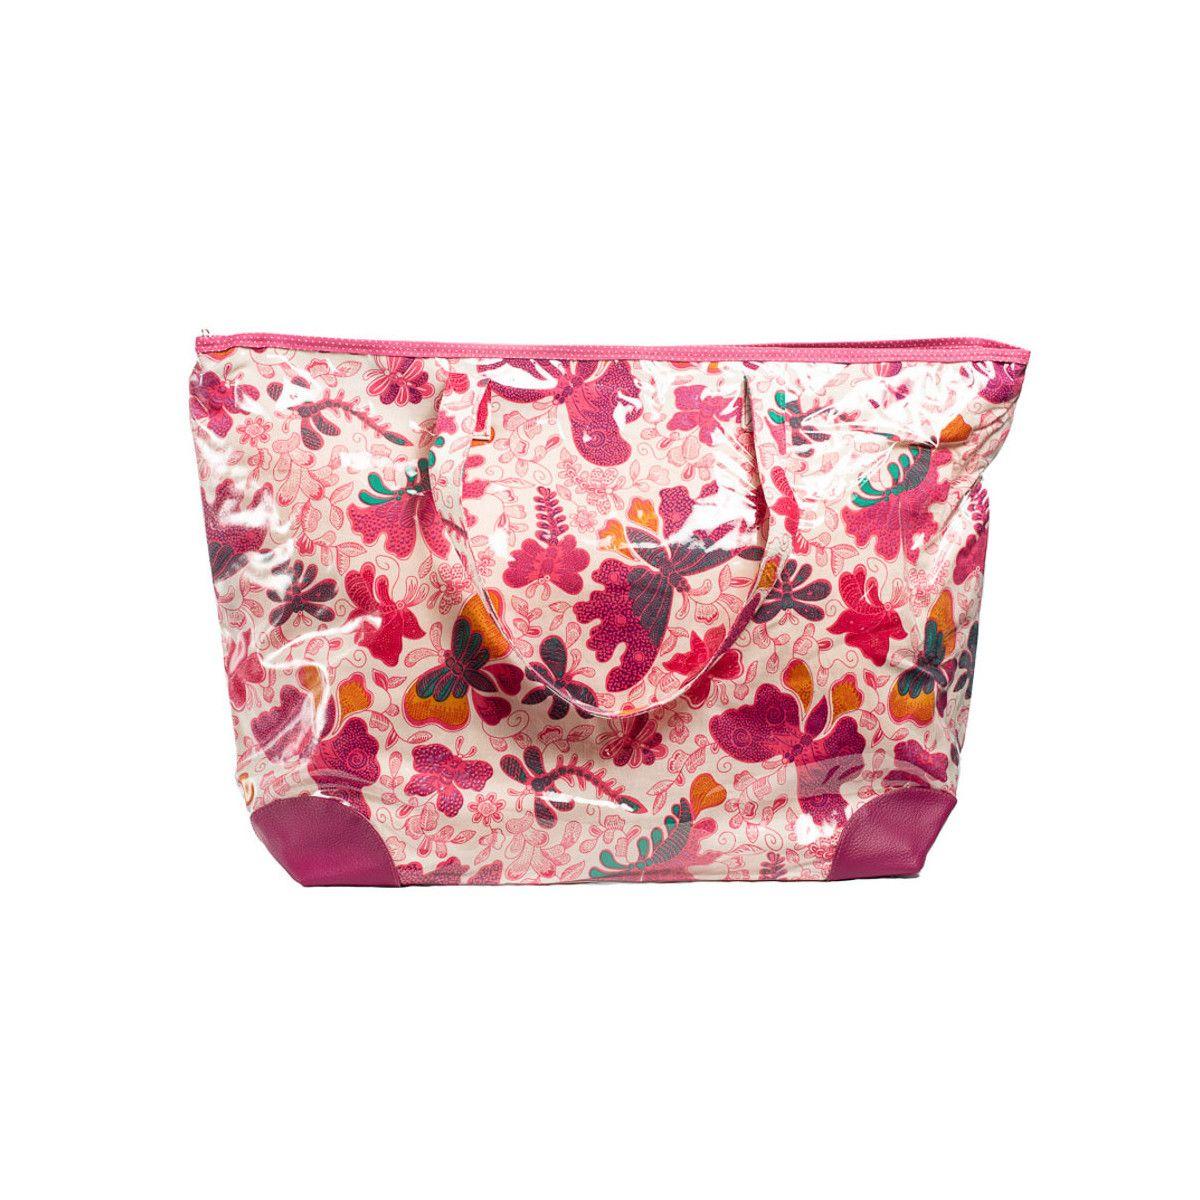 Grand sac cabas étanche tissu papillons roses